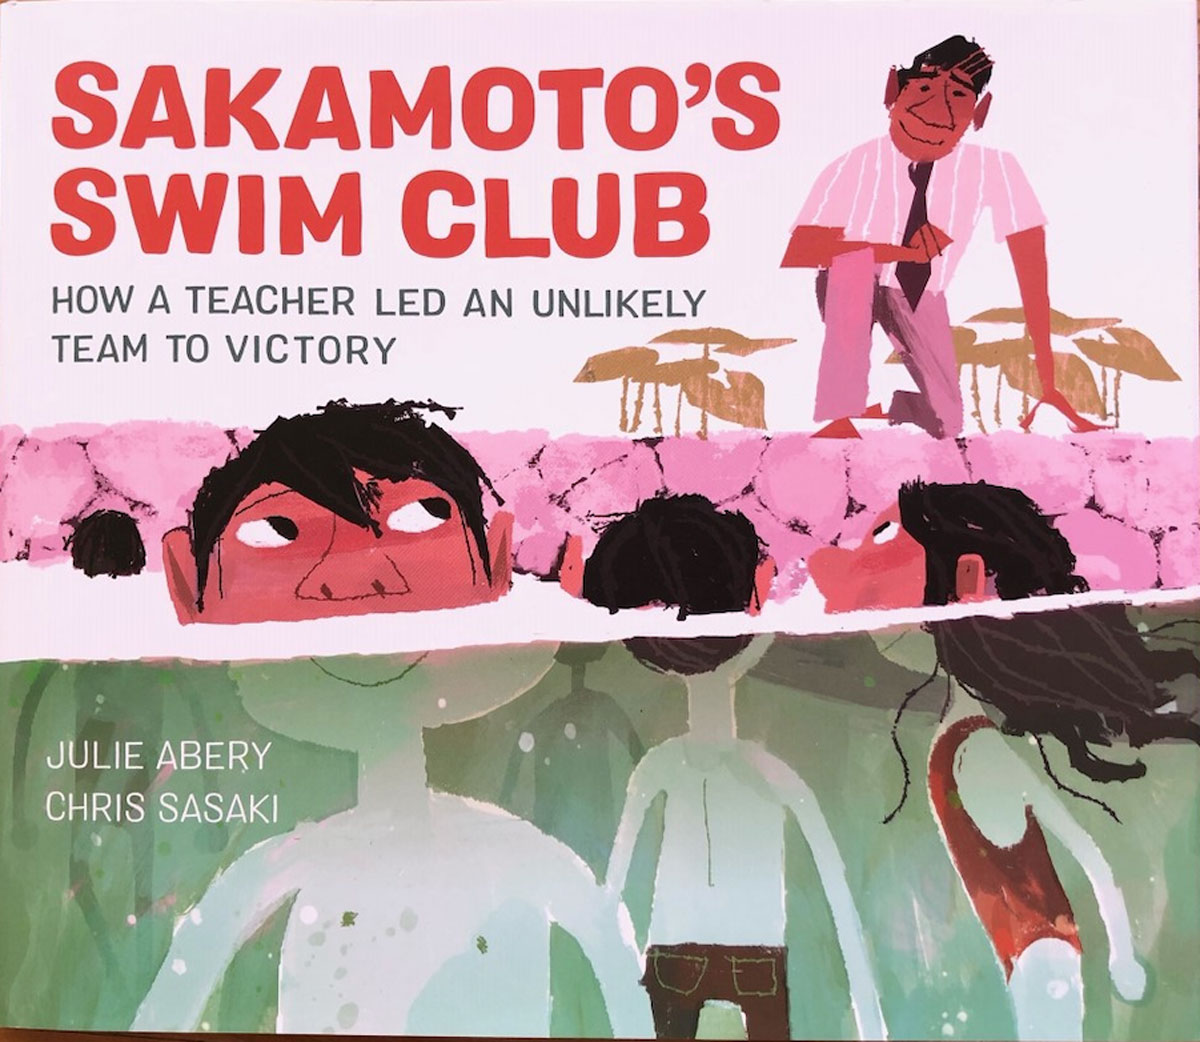 Sakamotos Swim Class Book Cover